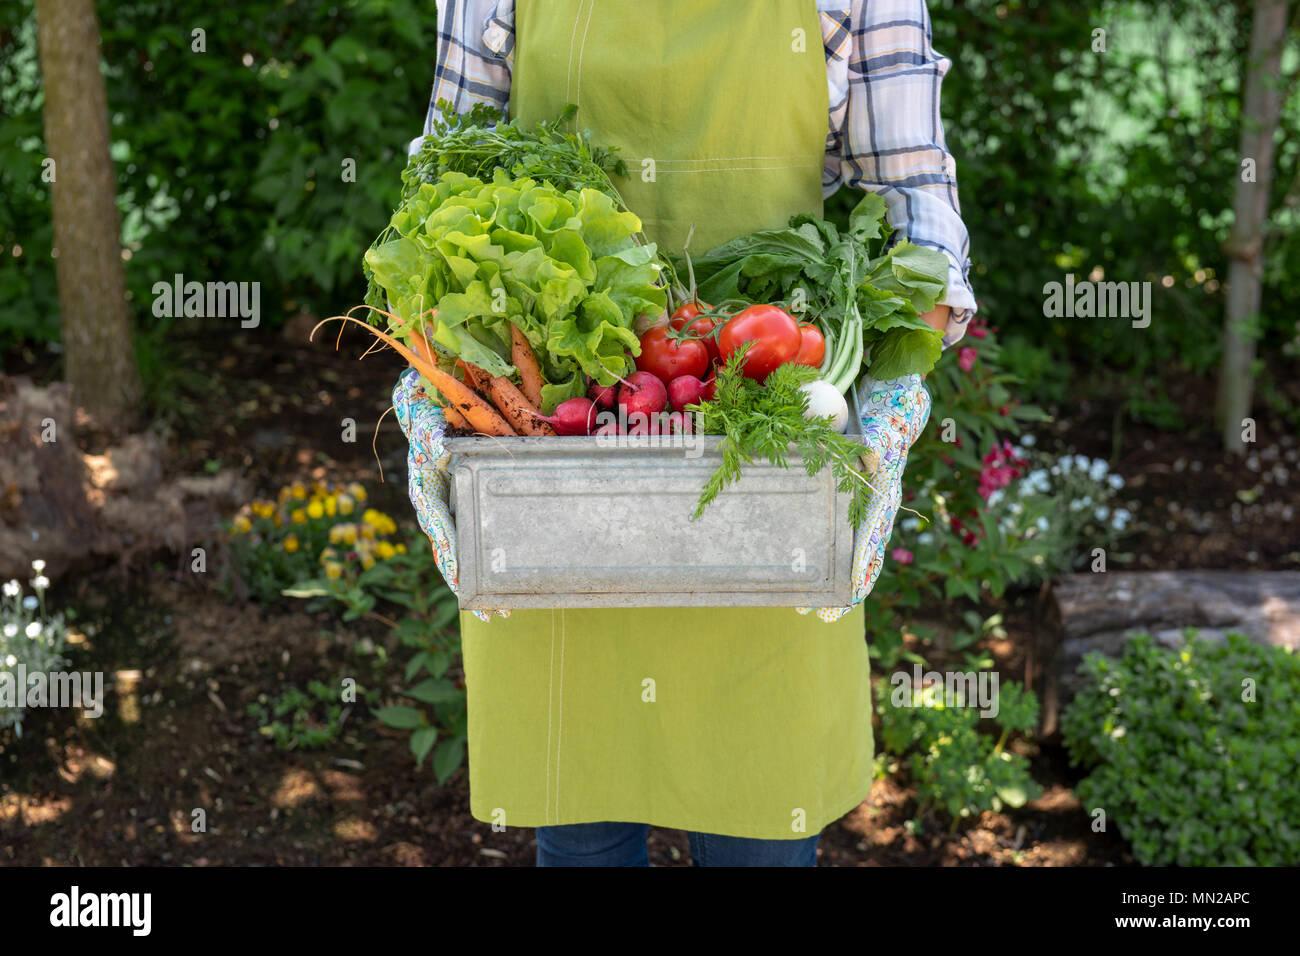 Nicht erkennbare Frau Bauer Holding Kiste voller frisch geerntete Gemüse in Ihrem Garten. Homegrown bio produzieren Konzept. Stockbild